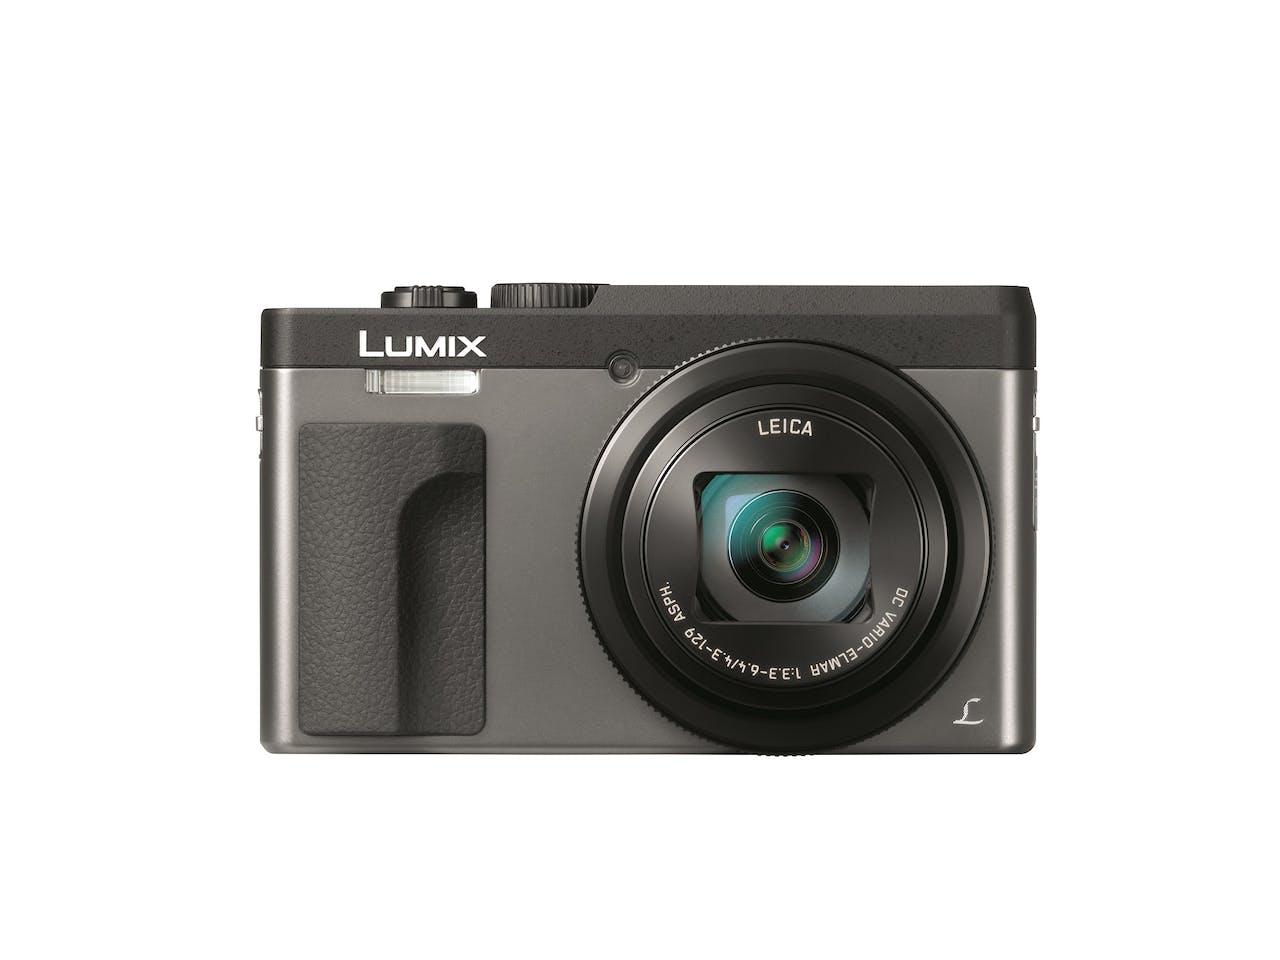 De Panasonic Lumix TZ90 met 20,3 megapixel-sensor en Leica-objectief kost €430, panasonic.nl